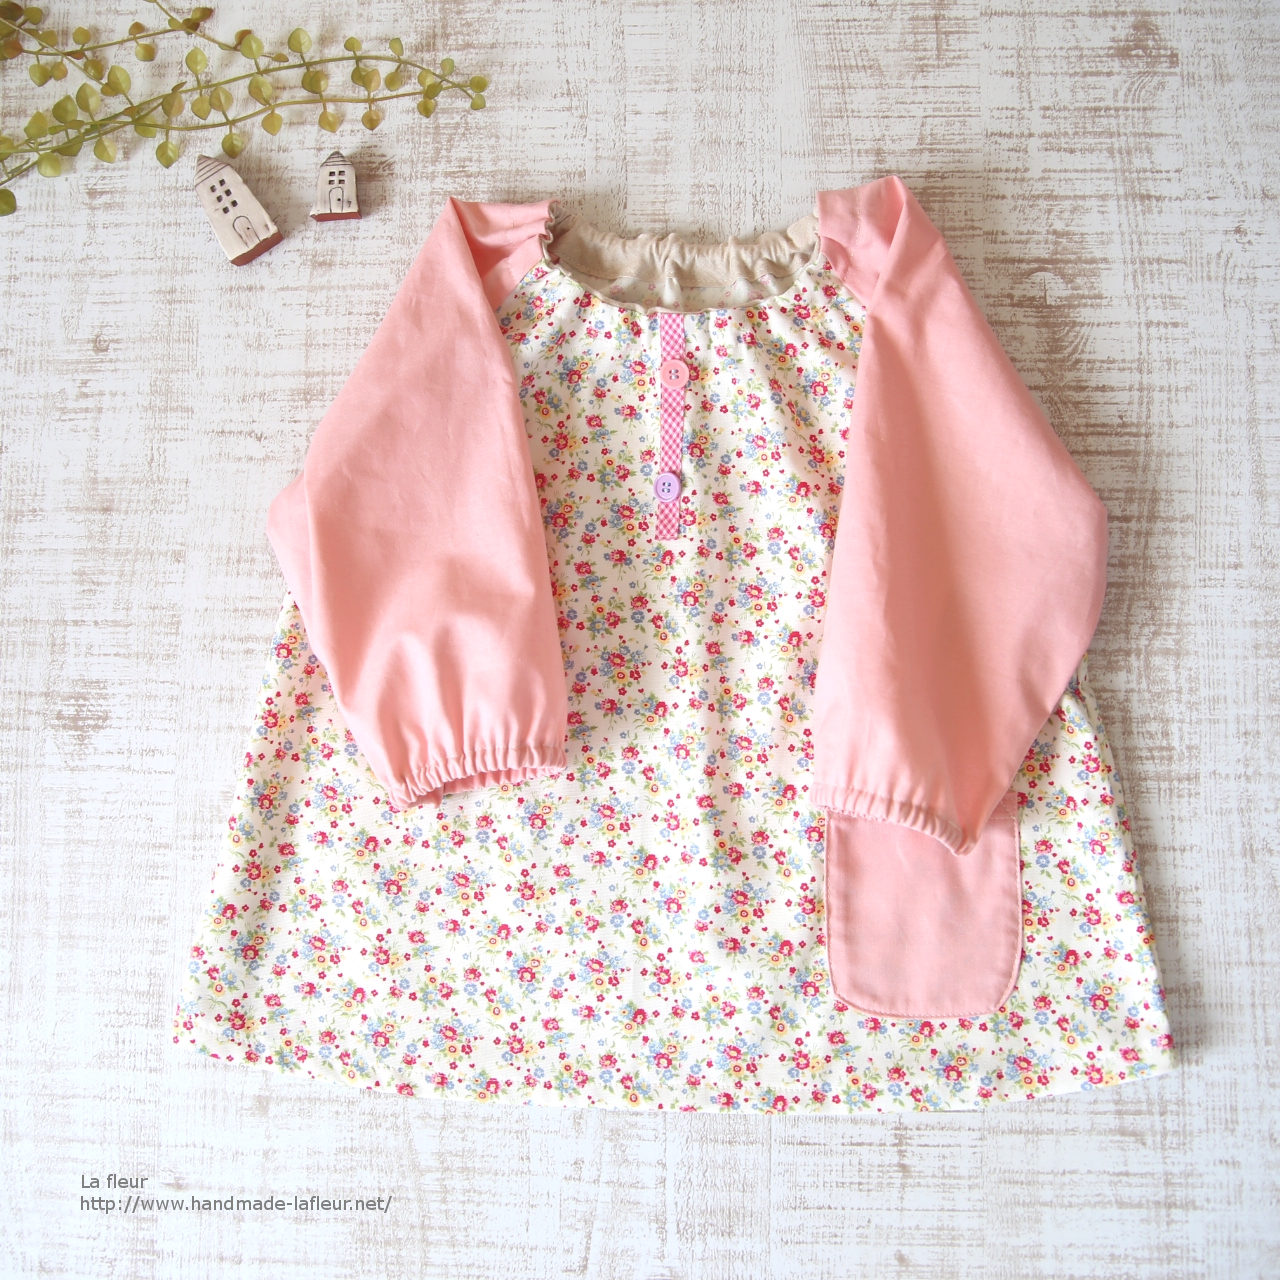 【85-95】スモック*花柄×ピンク 入園準備 女の子用/La fleur